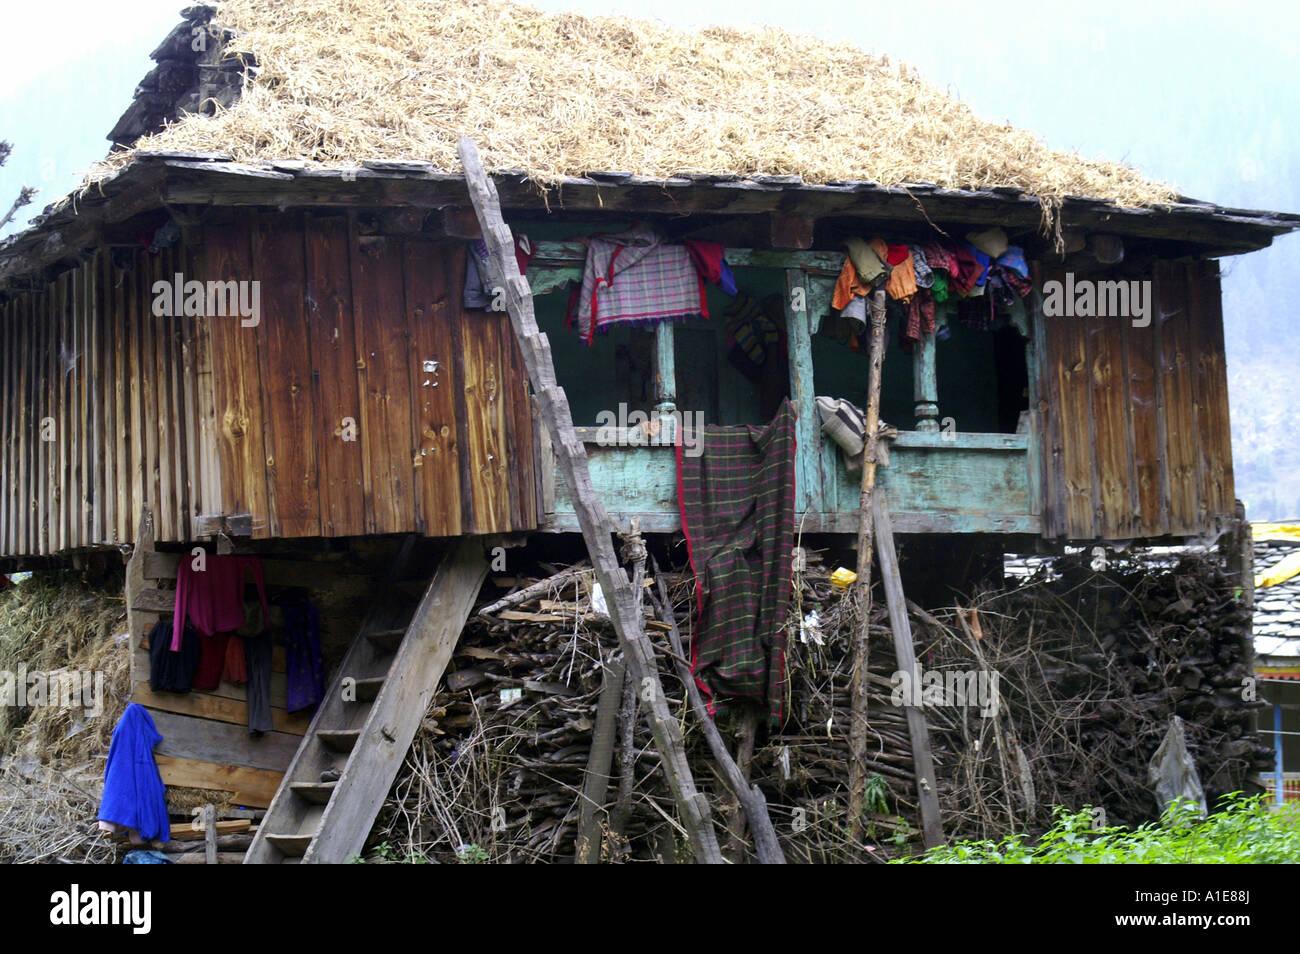 Typisches kleines Holzhaus wohnen im Dorf Malana, Nordindien ...